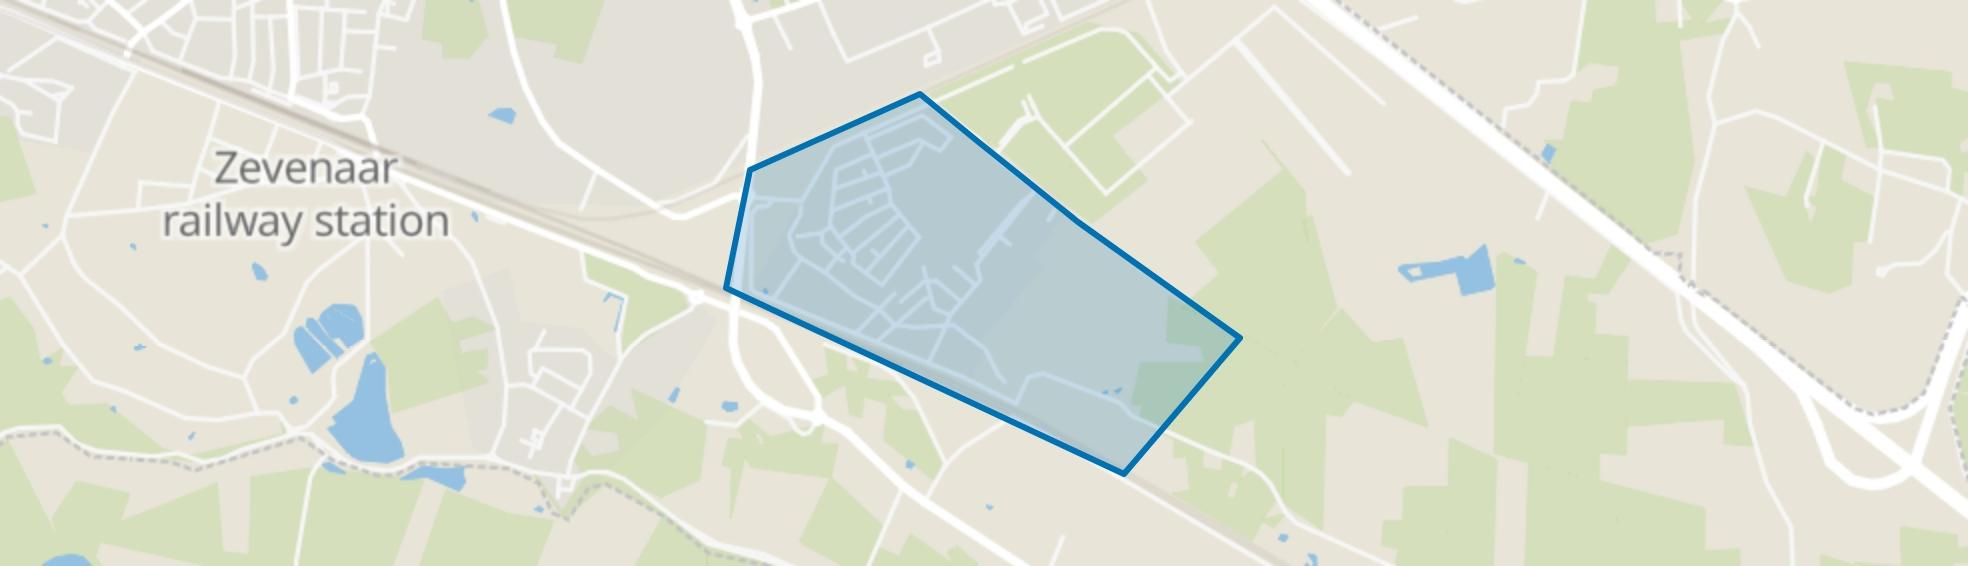 Groot Holthuizen, Zevenaar map